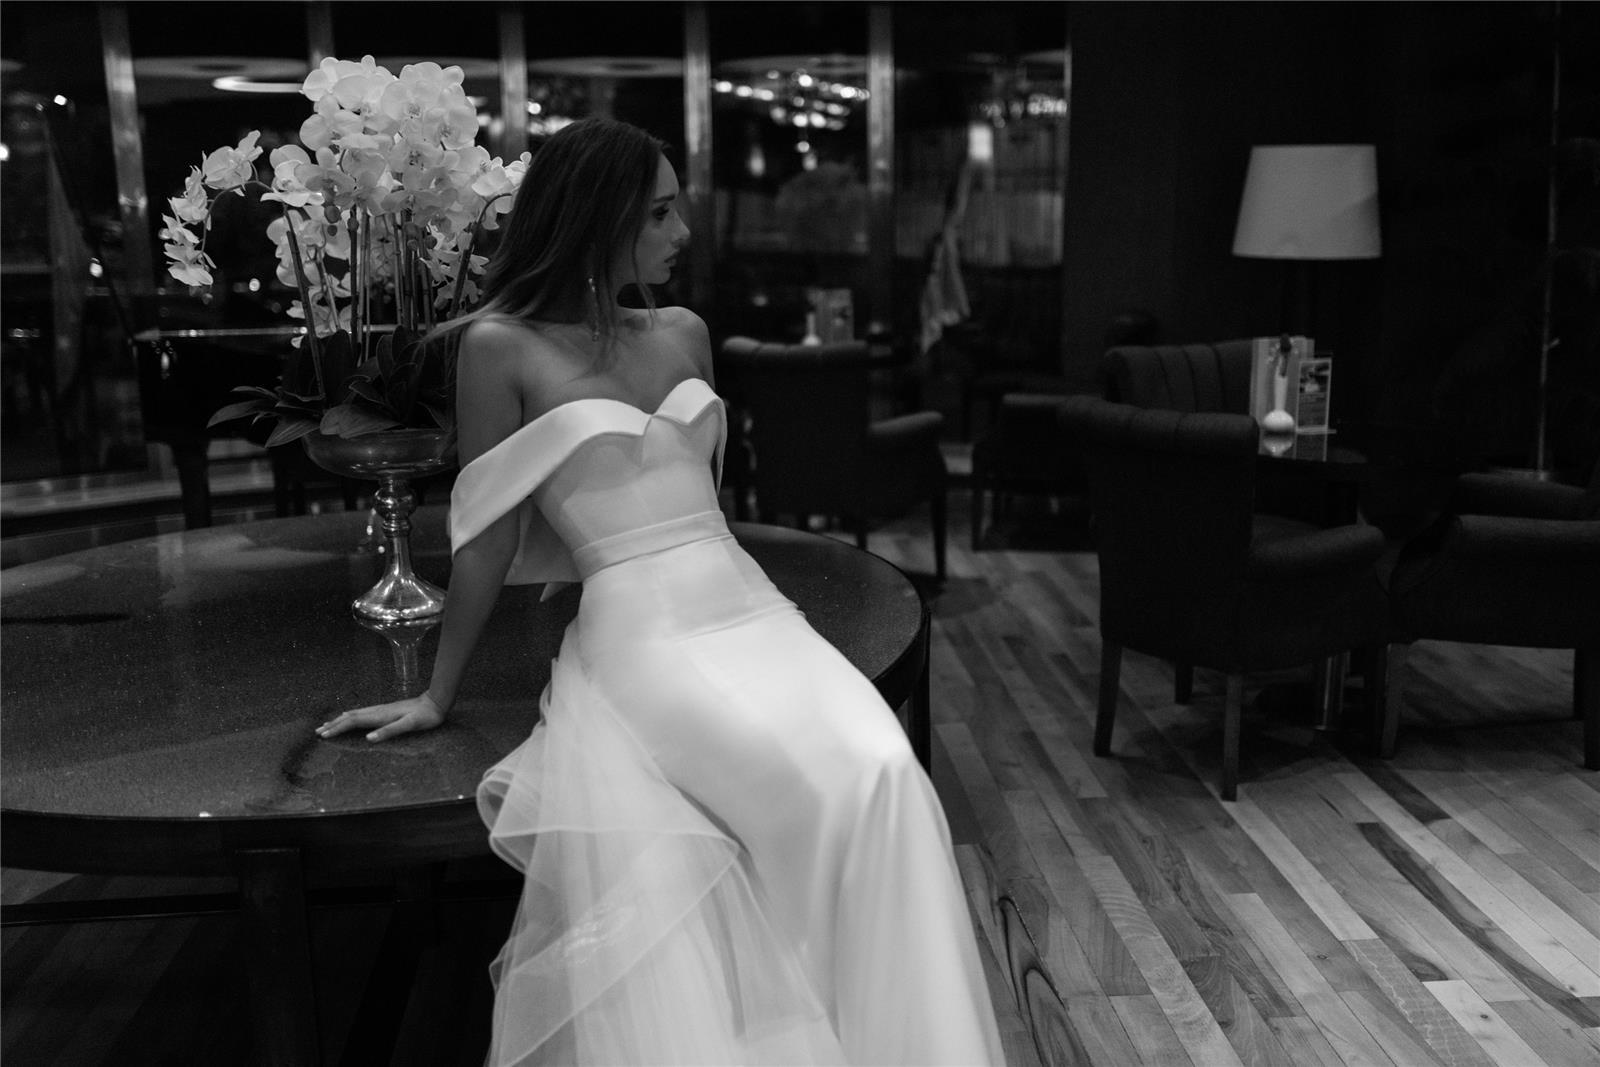 שמלה של דימיטריוס (צילום: דניאל אלסטר)